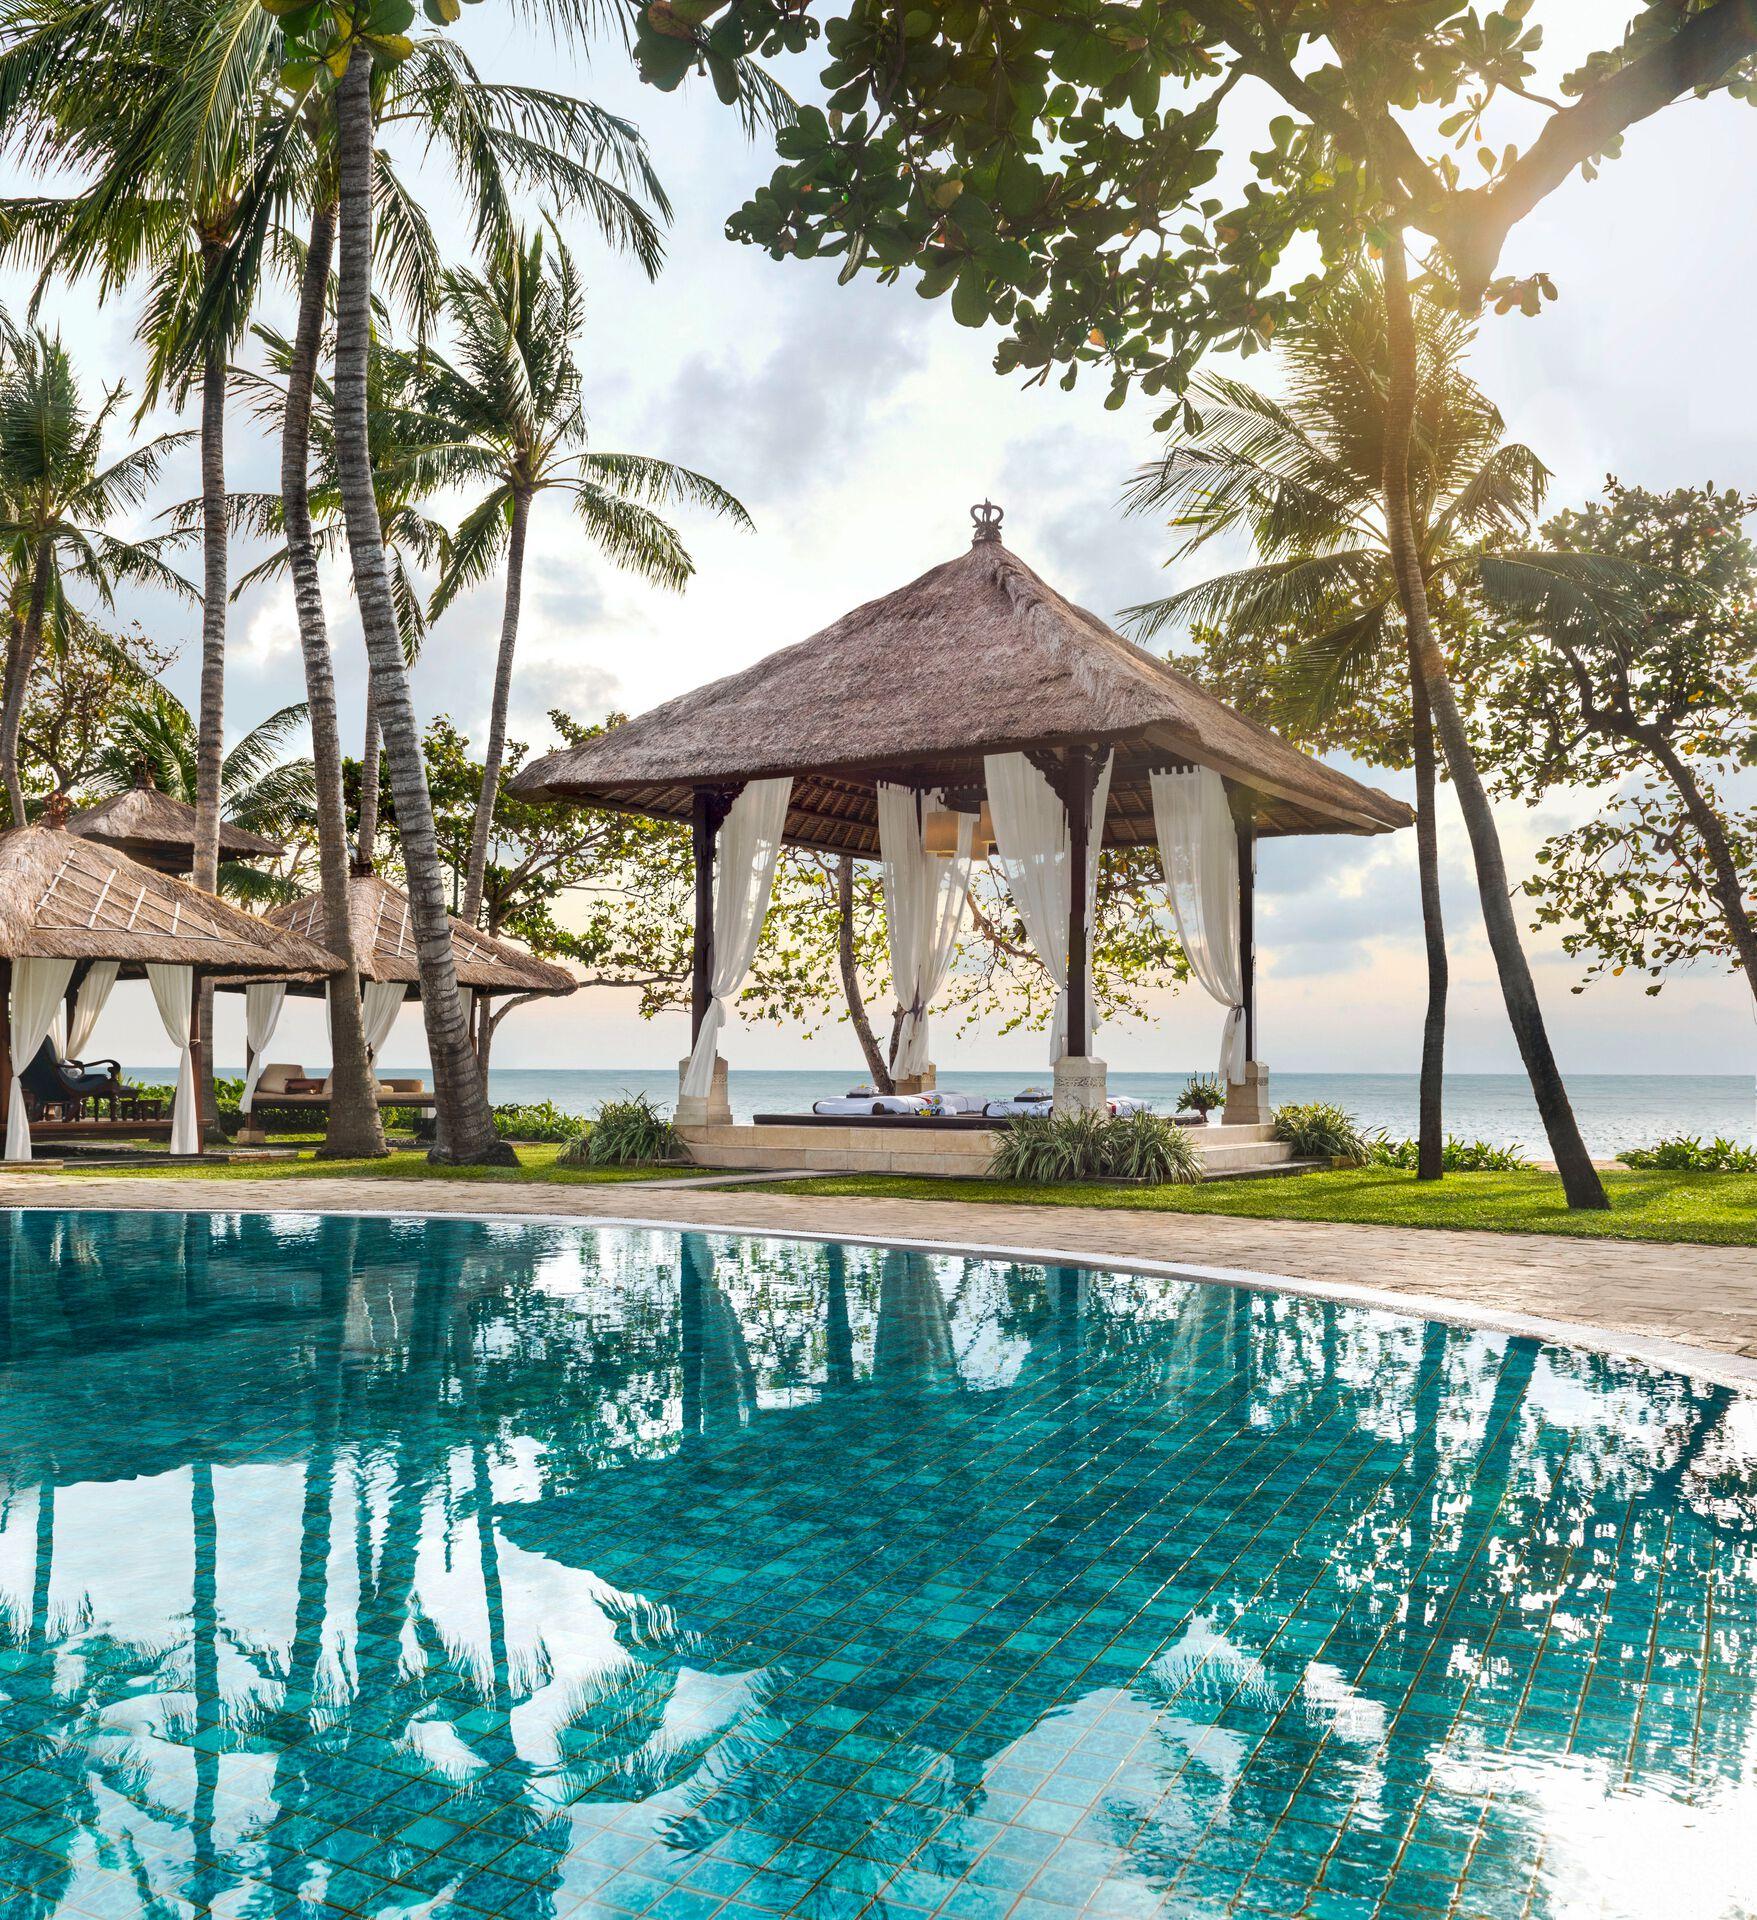 Bali - Indonésie - Hôtel The Laguna, A Luxury Collection Resort & Spa - Ch. De Luxe Garden View 5*